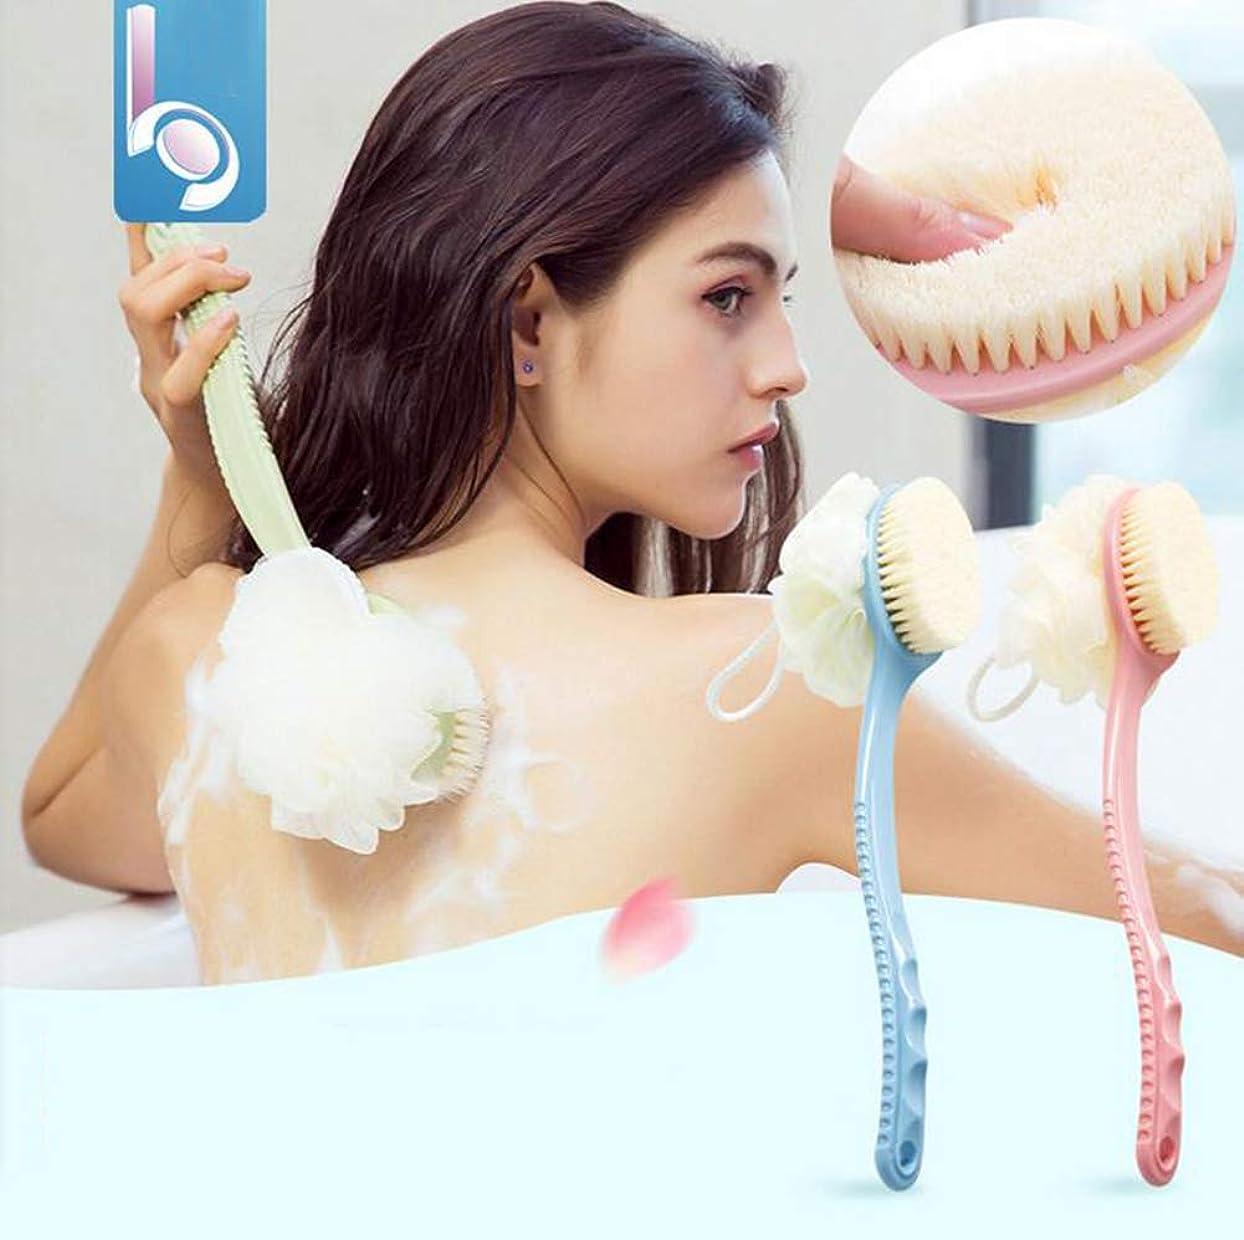 かりて定数リッチロングハンドルバスブラシ、ソフトファーバスタオル入浴バックセルライトスクラブのための入浴アーティファクト,Pink